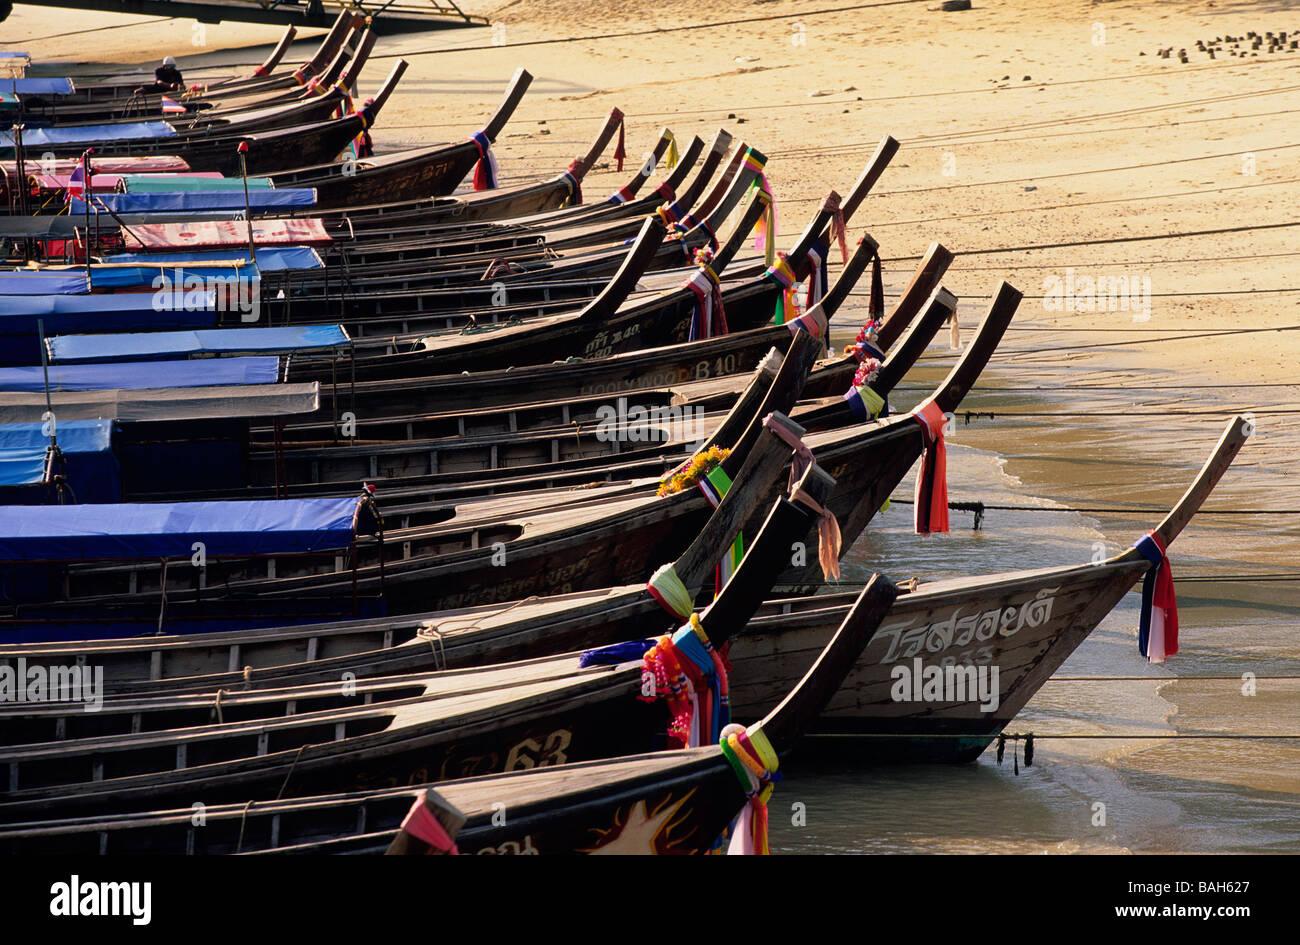 Thailand, Krabi Province, around Phuket, Long Tails boat - Stock Image